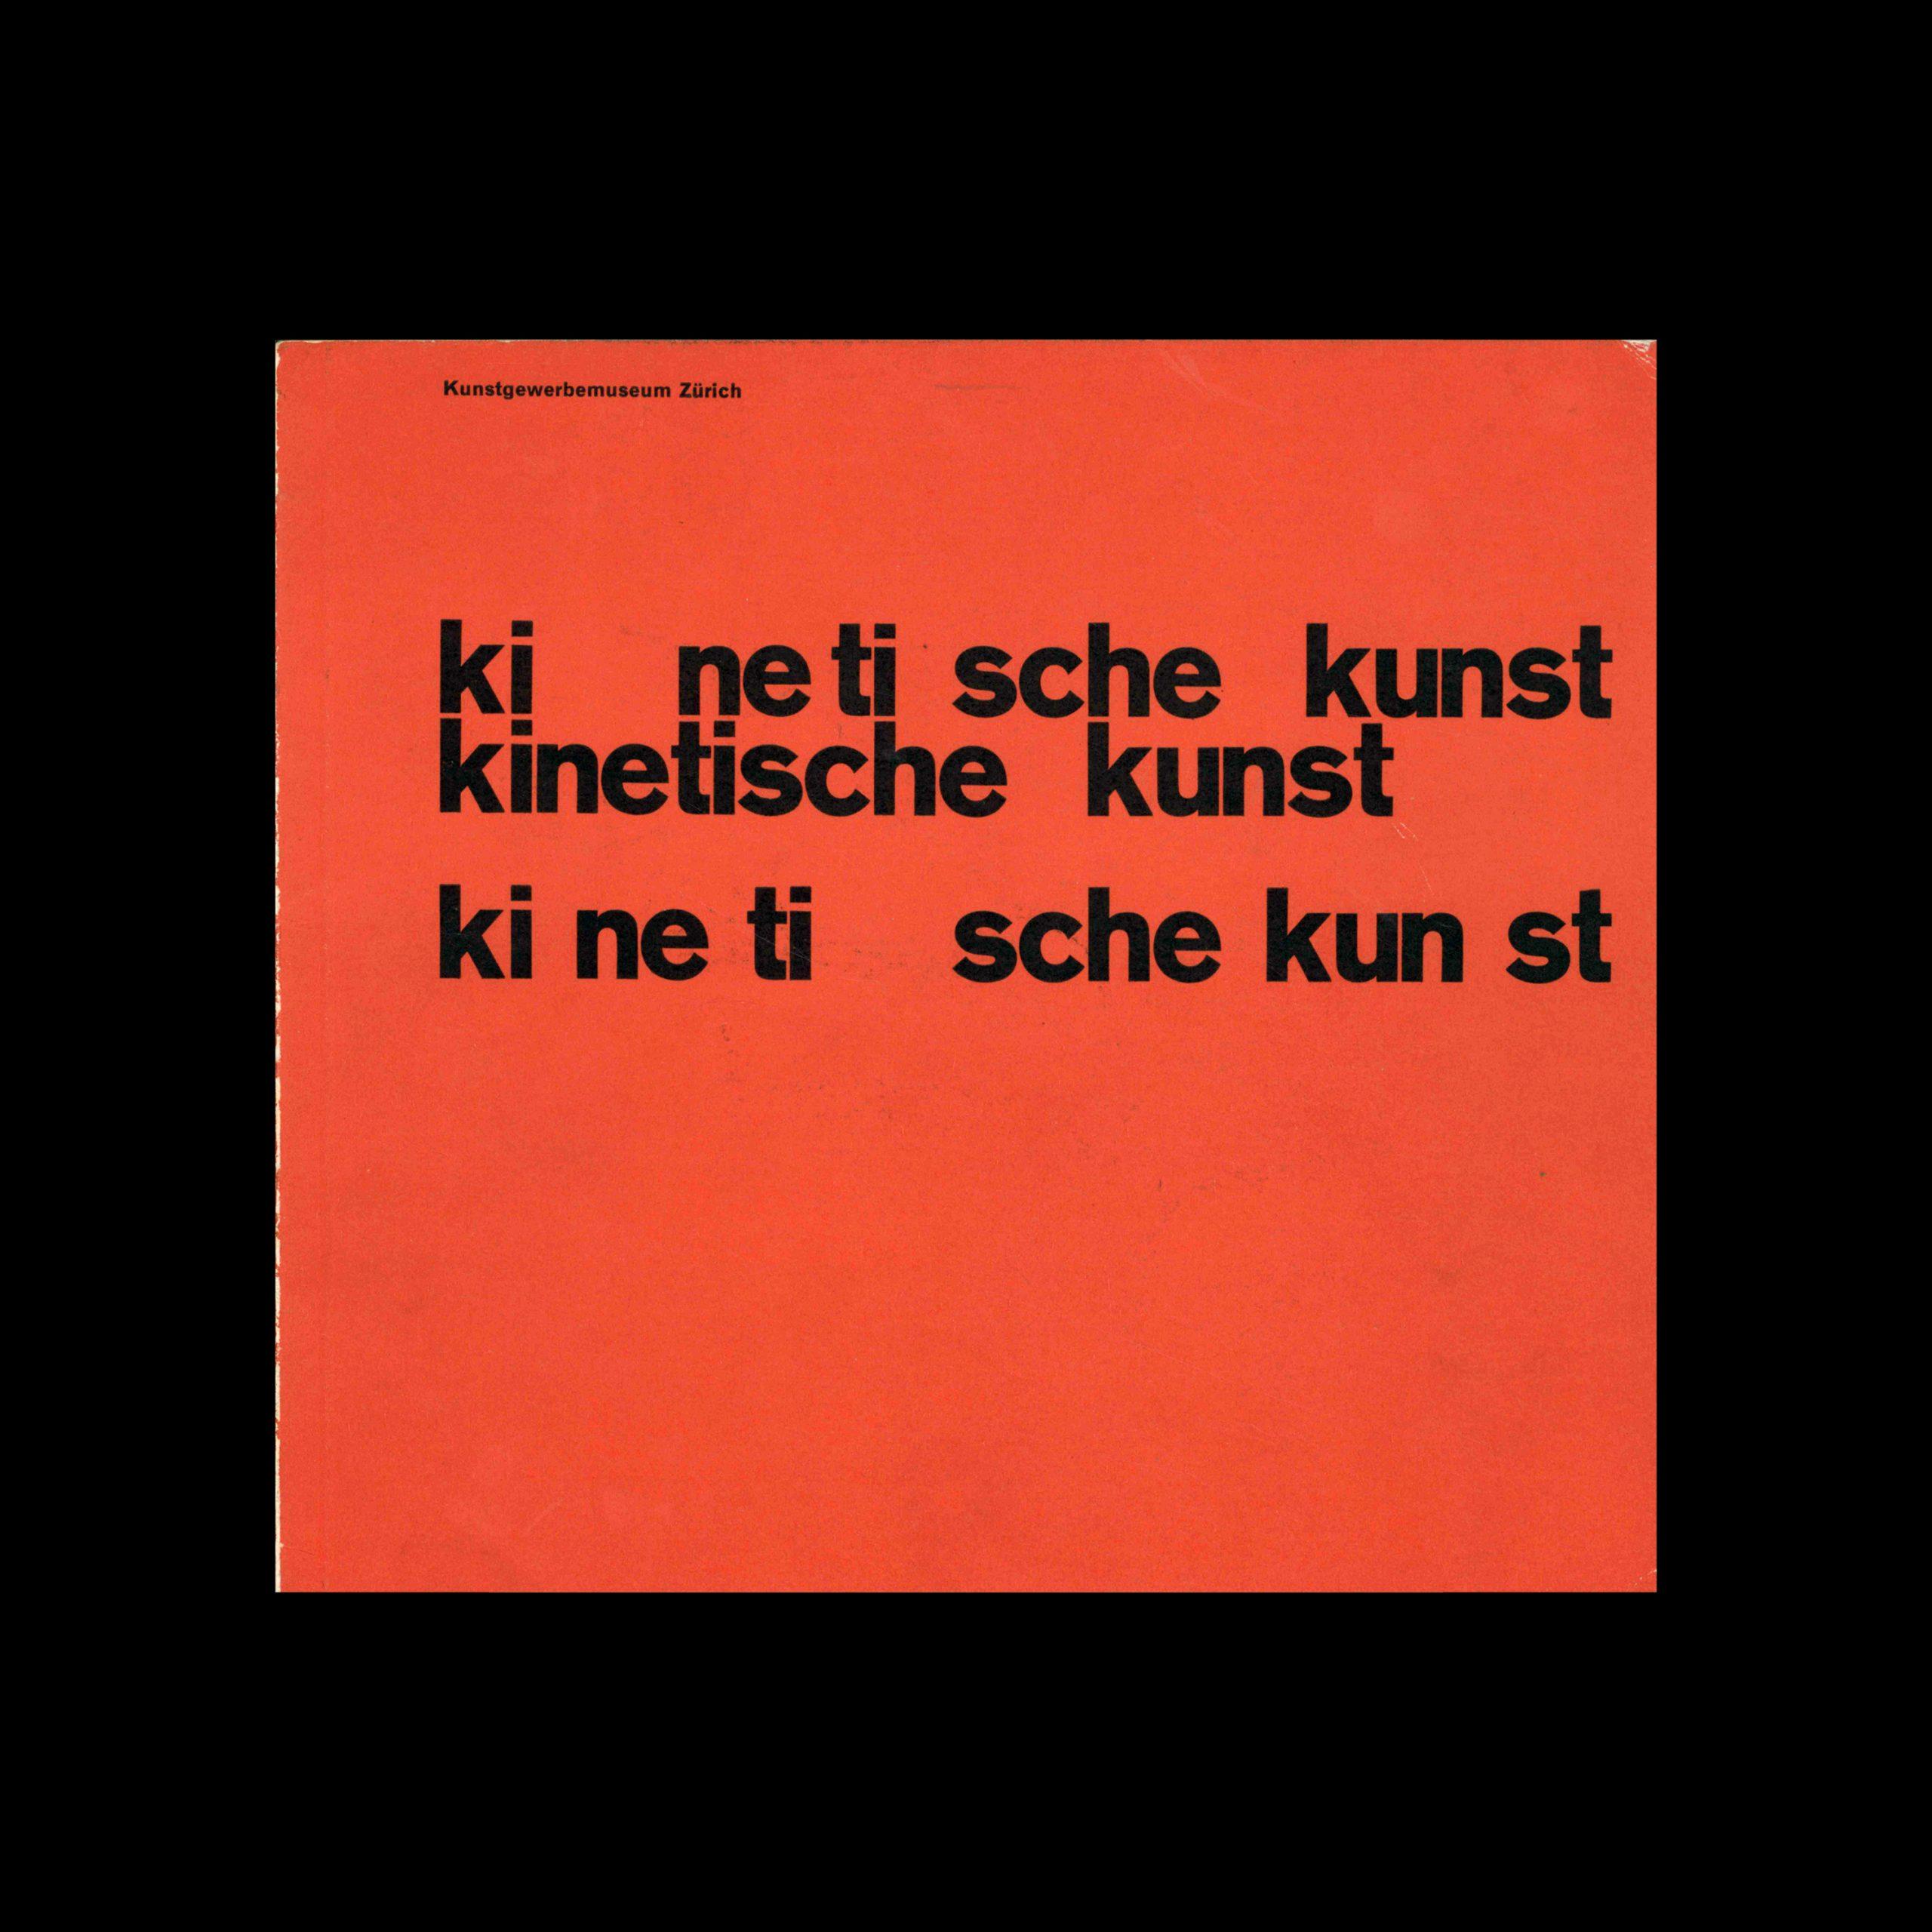 Kinetische Kunst, Kunstgewerbemuseum, Zürich, 1960